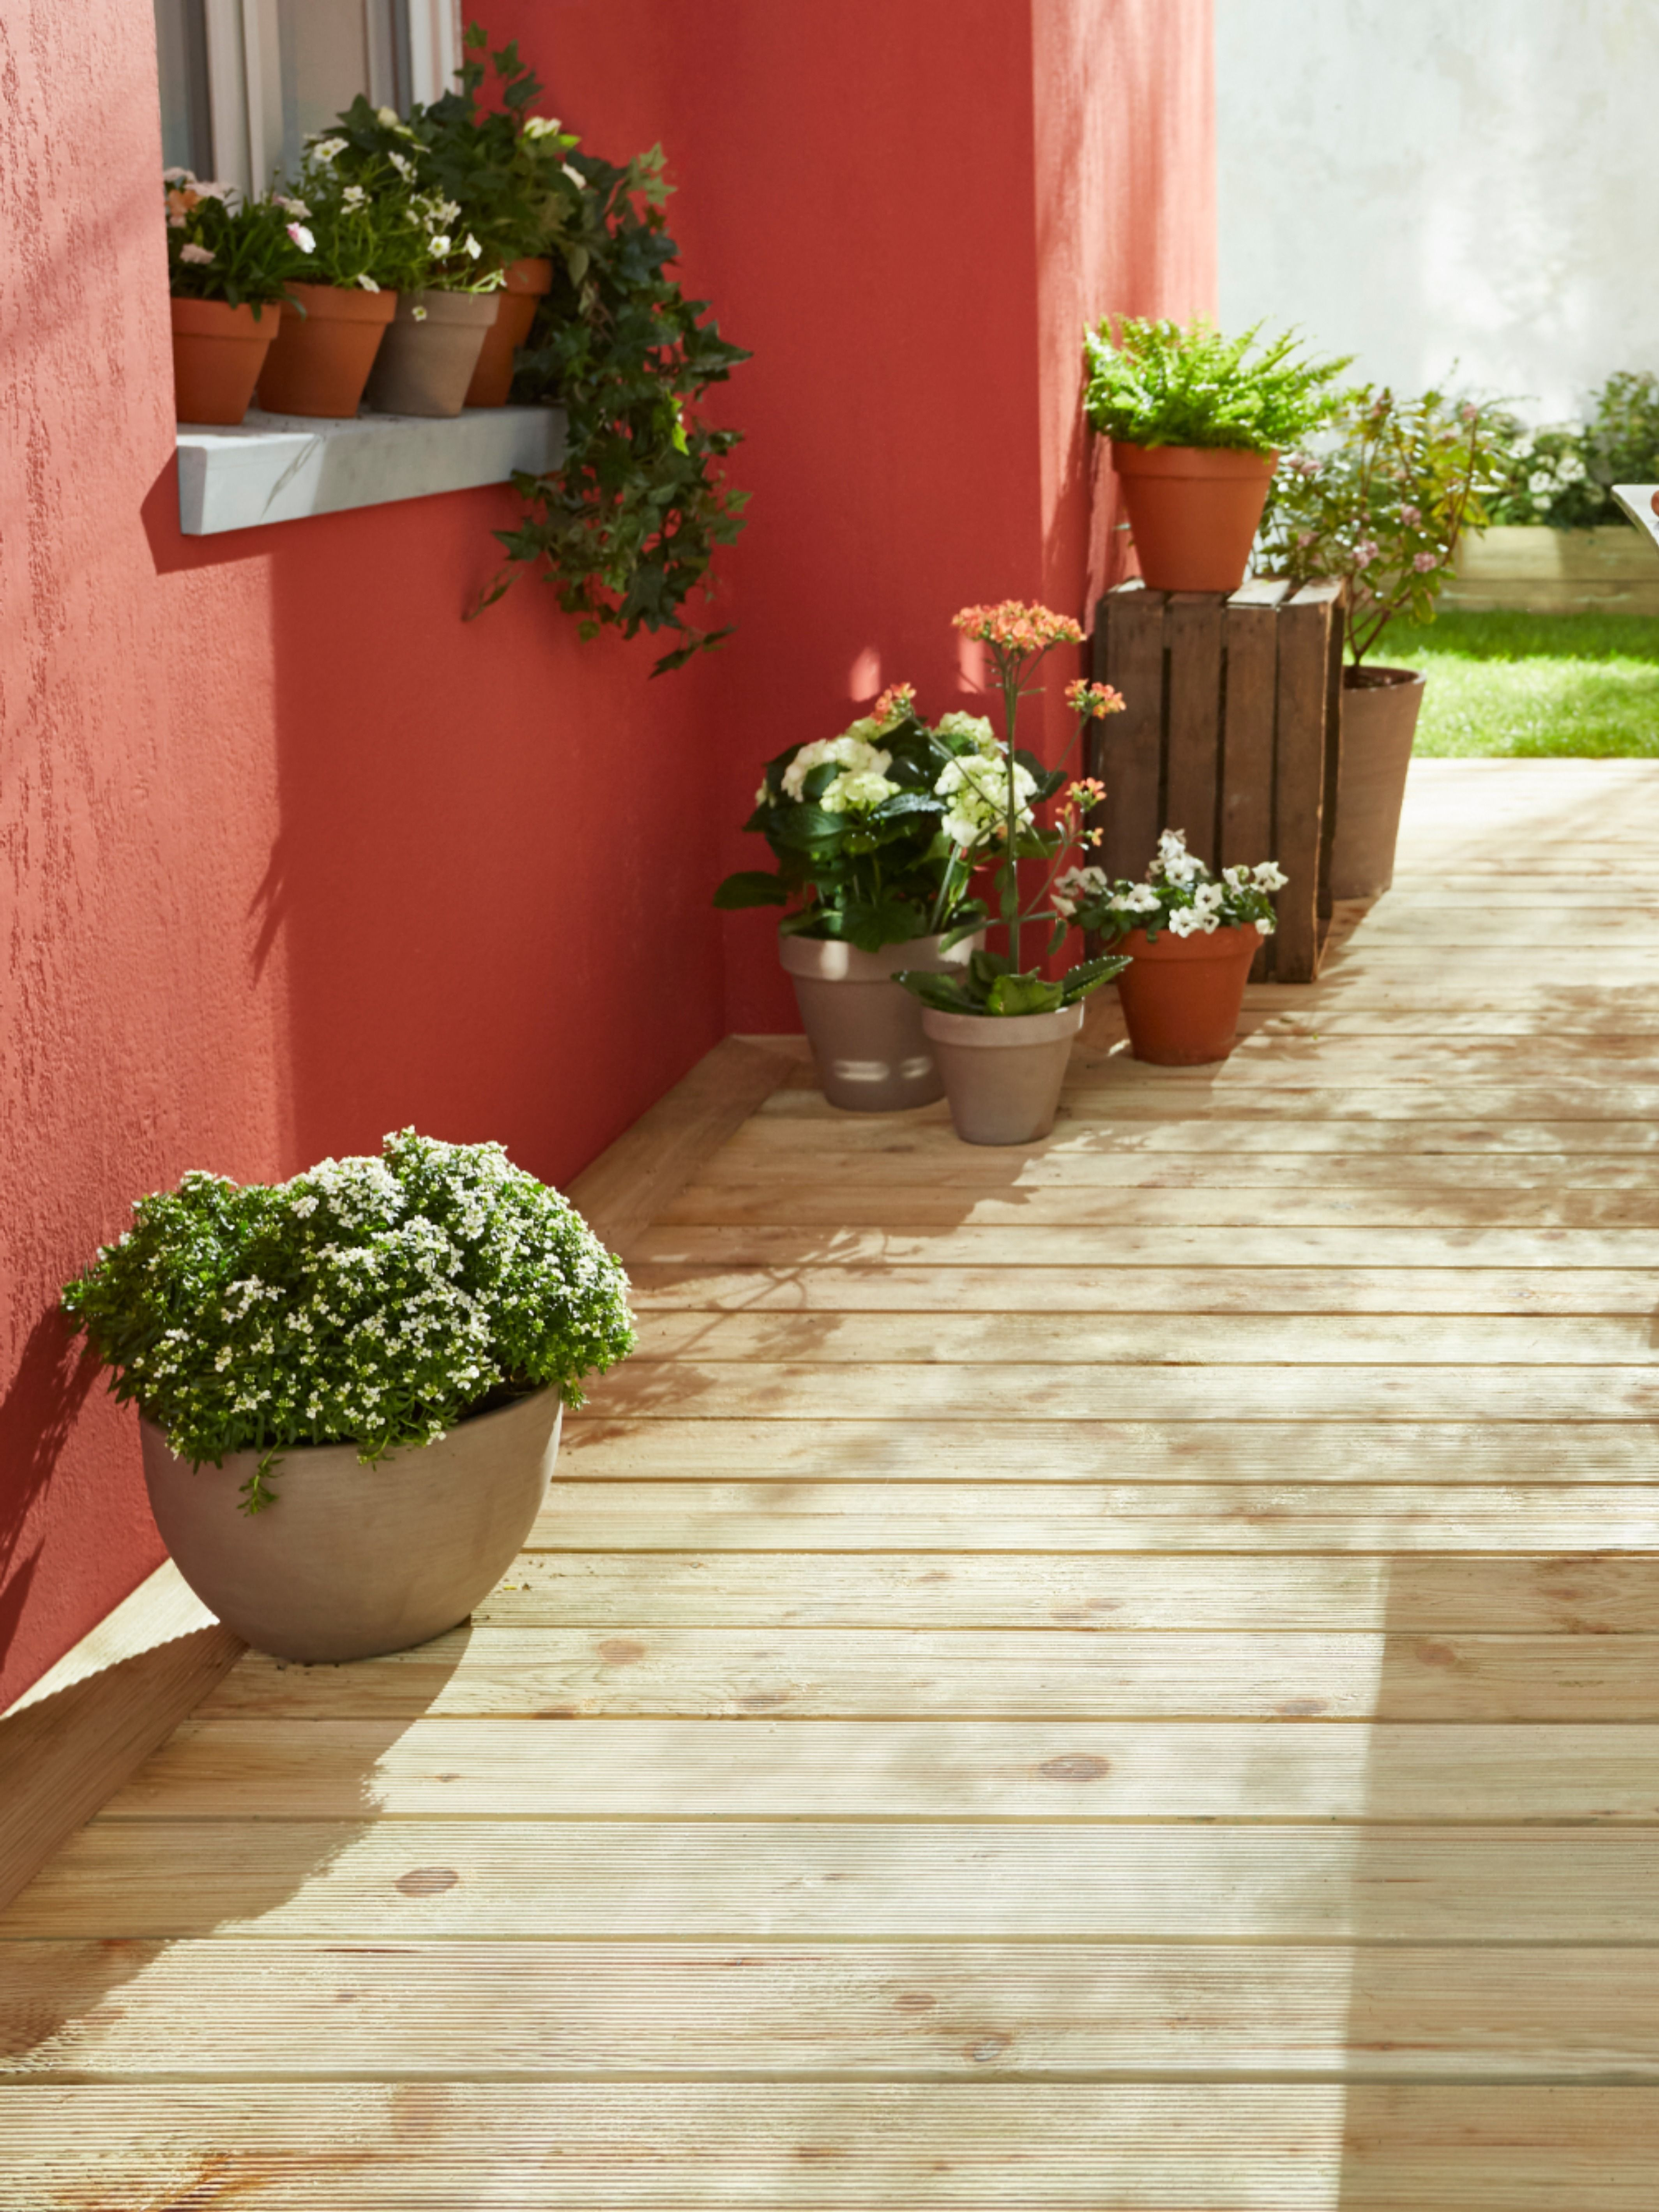 Sur Une Terrasse En Bois On Joue Le Contraste Avec Un Mur Terracotta L Astuce Deco L Accumulation De Pots De Fleurs A En 2020 Lame Terrasse Castorama Pot De Fleurs